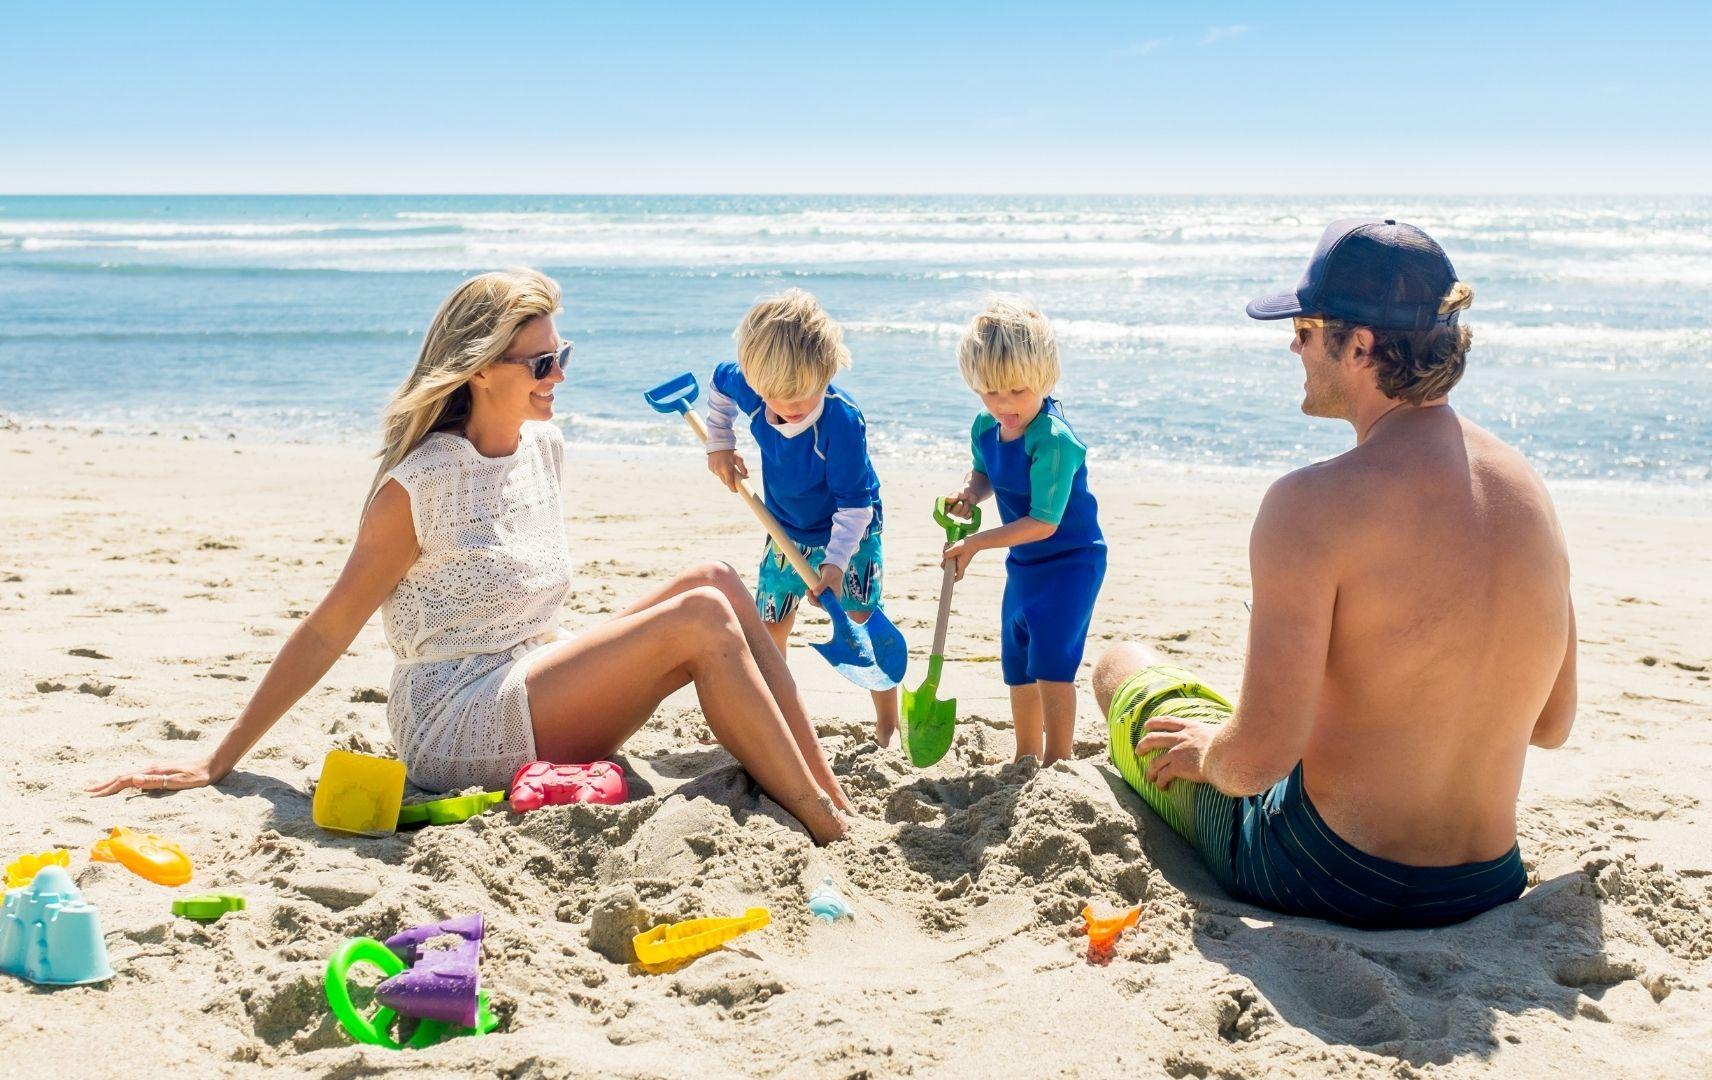 Strandspiel - Eltern spielen mit Kindern im Sand